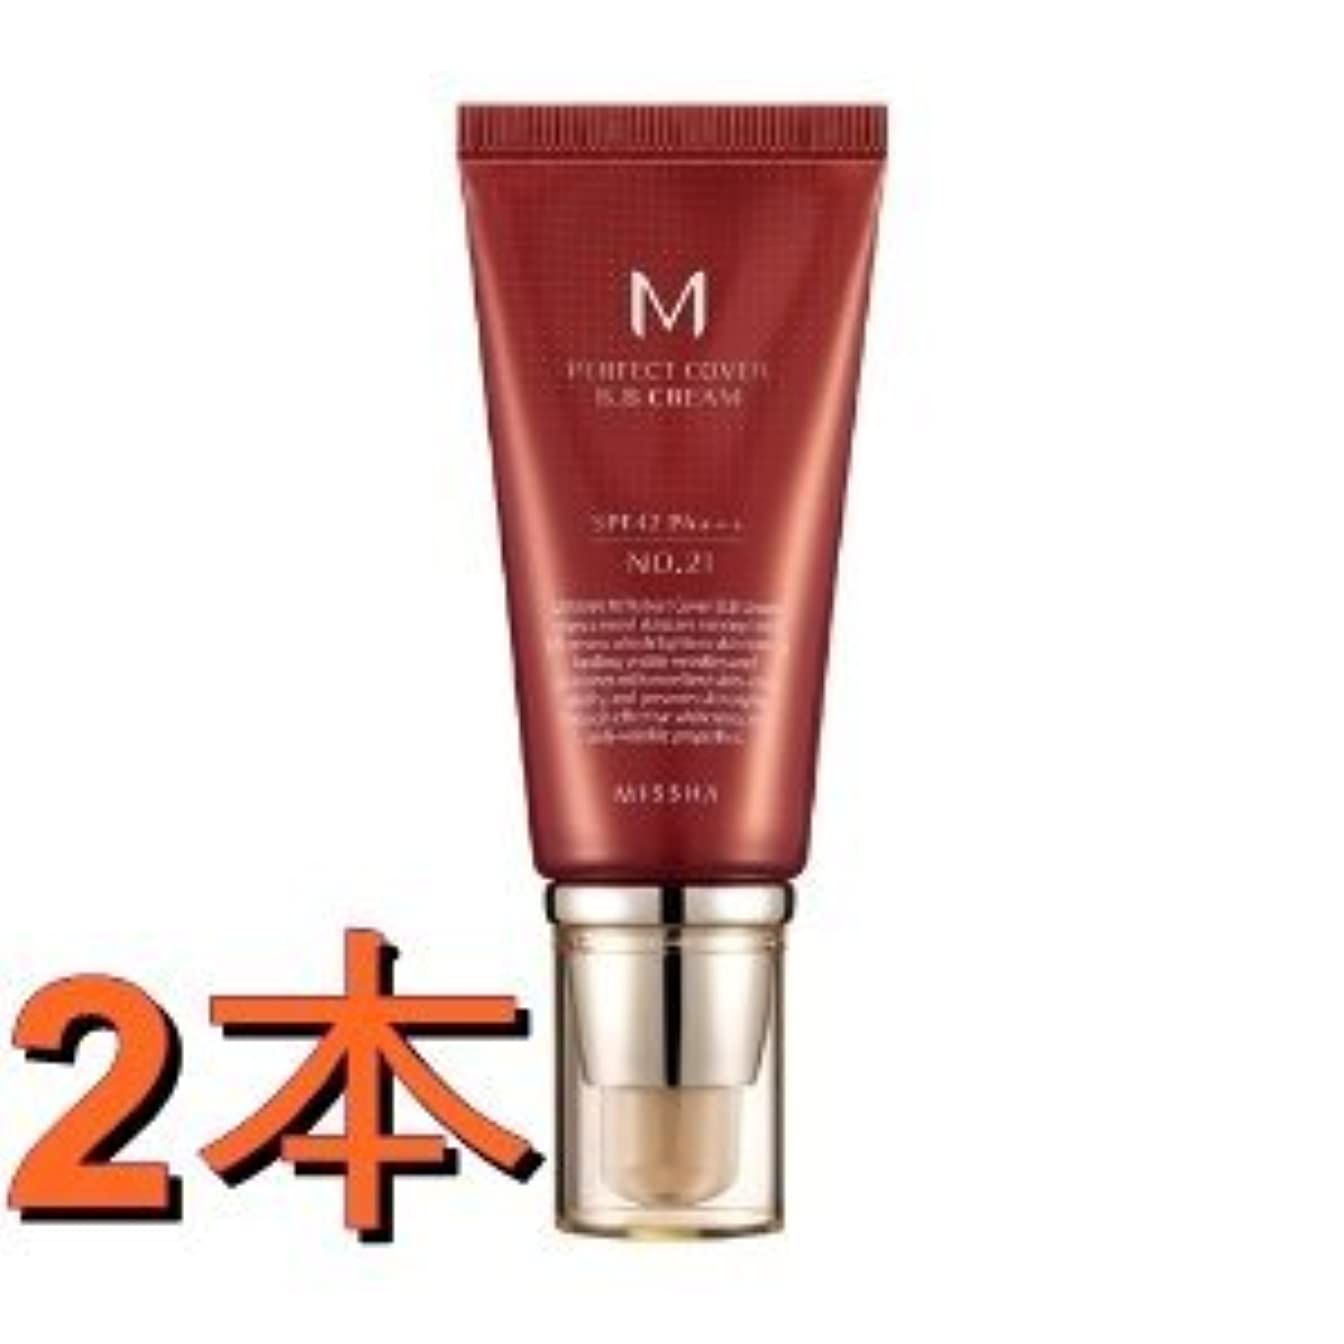 シャワー通行人おもしろいミシャ(MISSHA) M パーフェクトカバー BB クリーム 2本セット NO.23 (ナチュラルでおちつきのある肌色) SPF42 PA++ 50ml[並行輸入品]